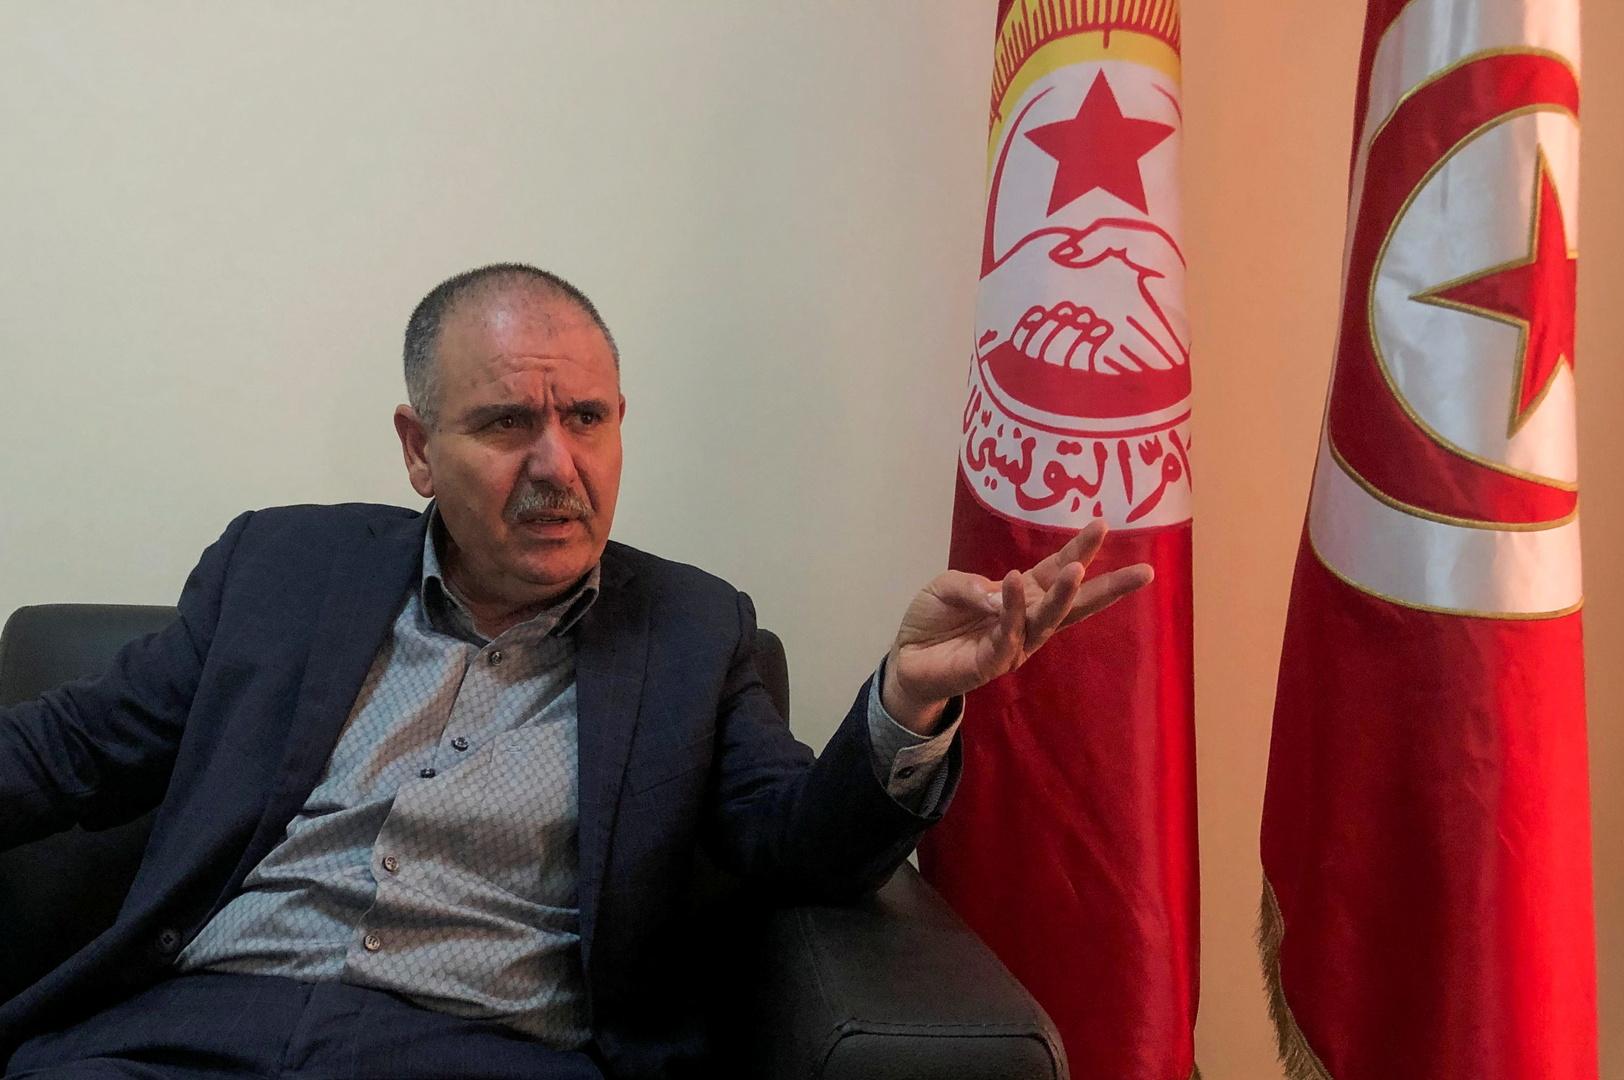 اتحاد الشغل التونسي: مؤسسات الدولة تفككت والمنظومة الحاكمة انتهى توقيتها